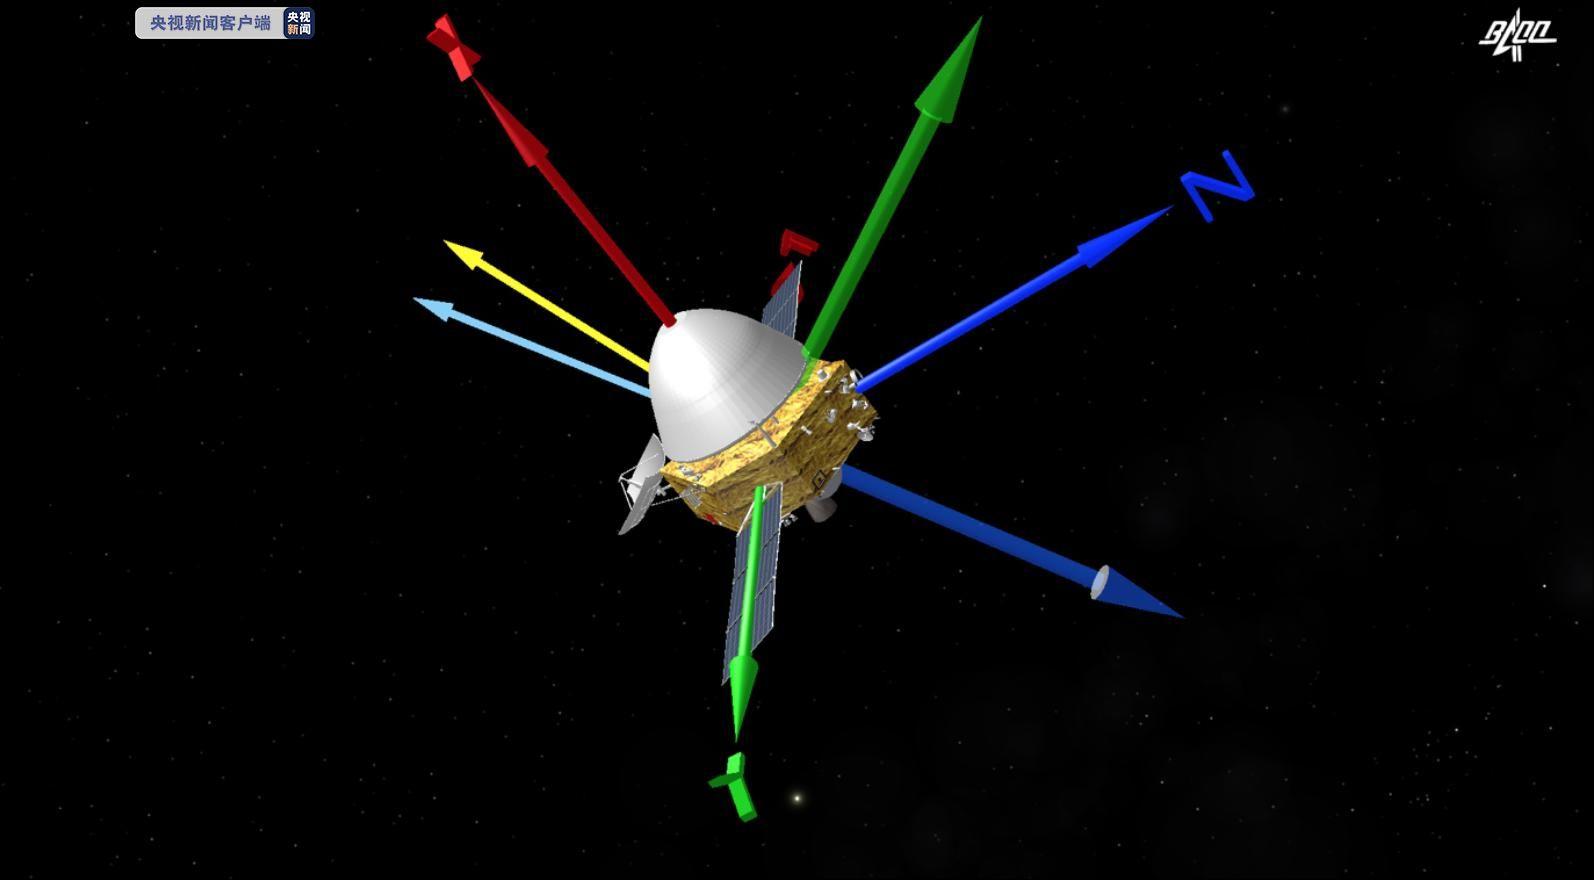 天问一号探测器完成深空机动 深空机动与轨道修正有啥区别?